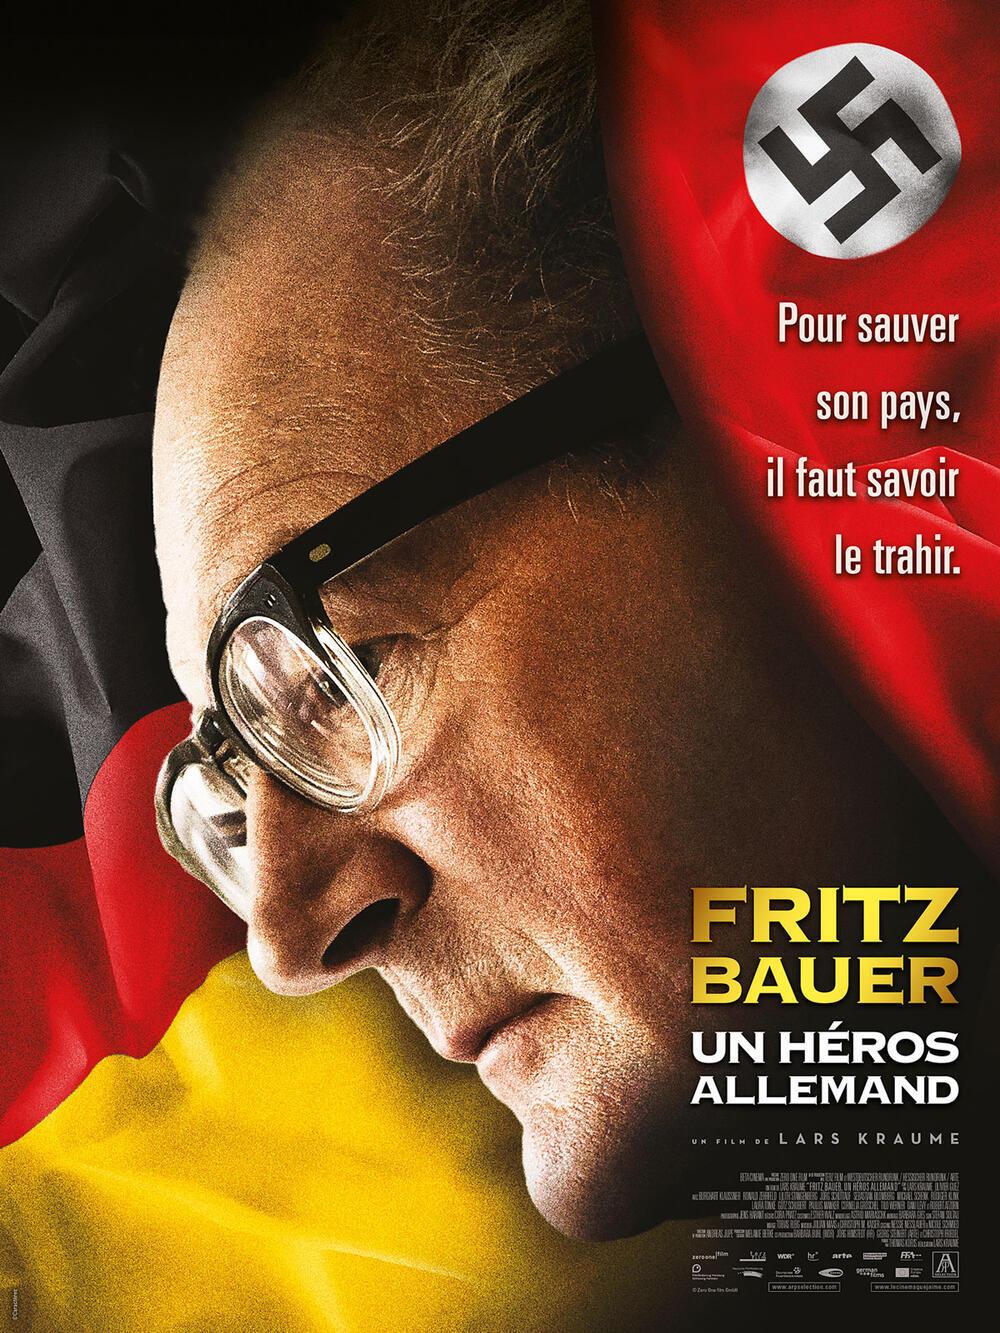 Affiche du film « Fritz Bauer, un héros allemand » de Lars Kraume.